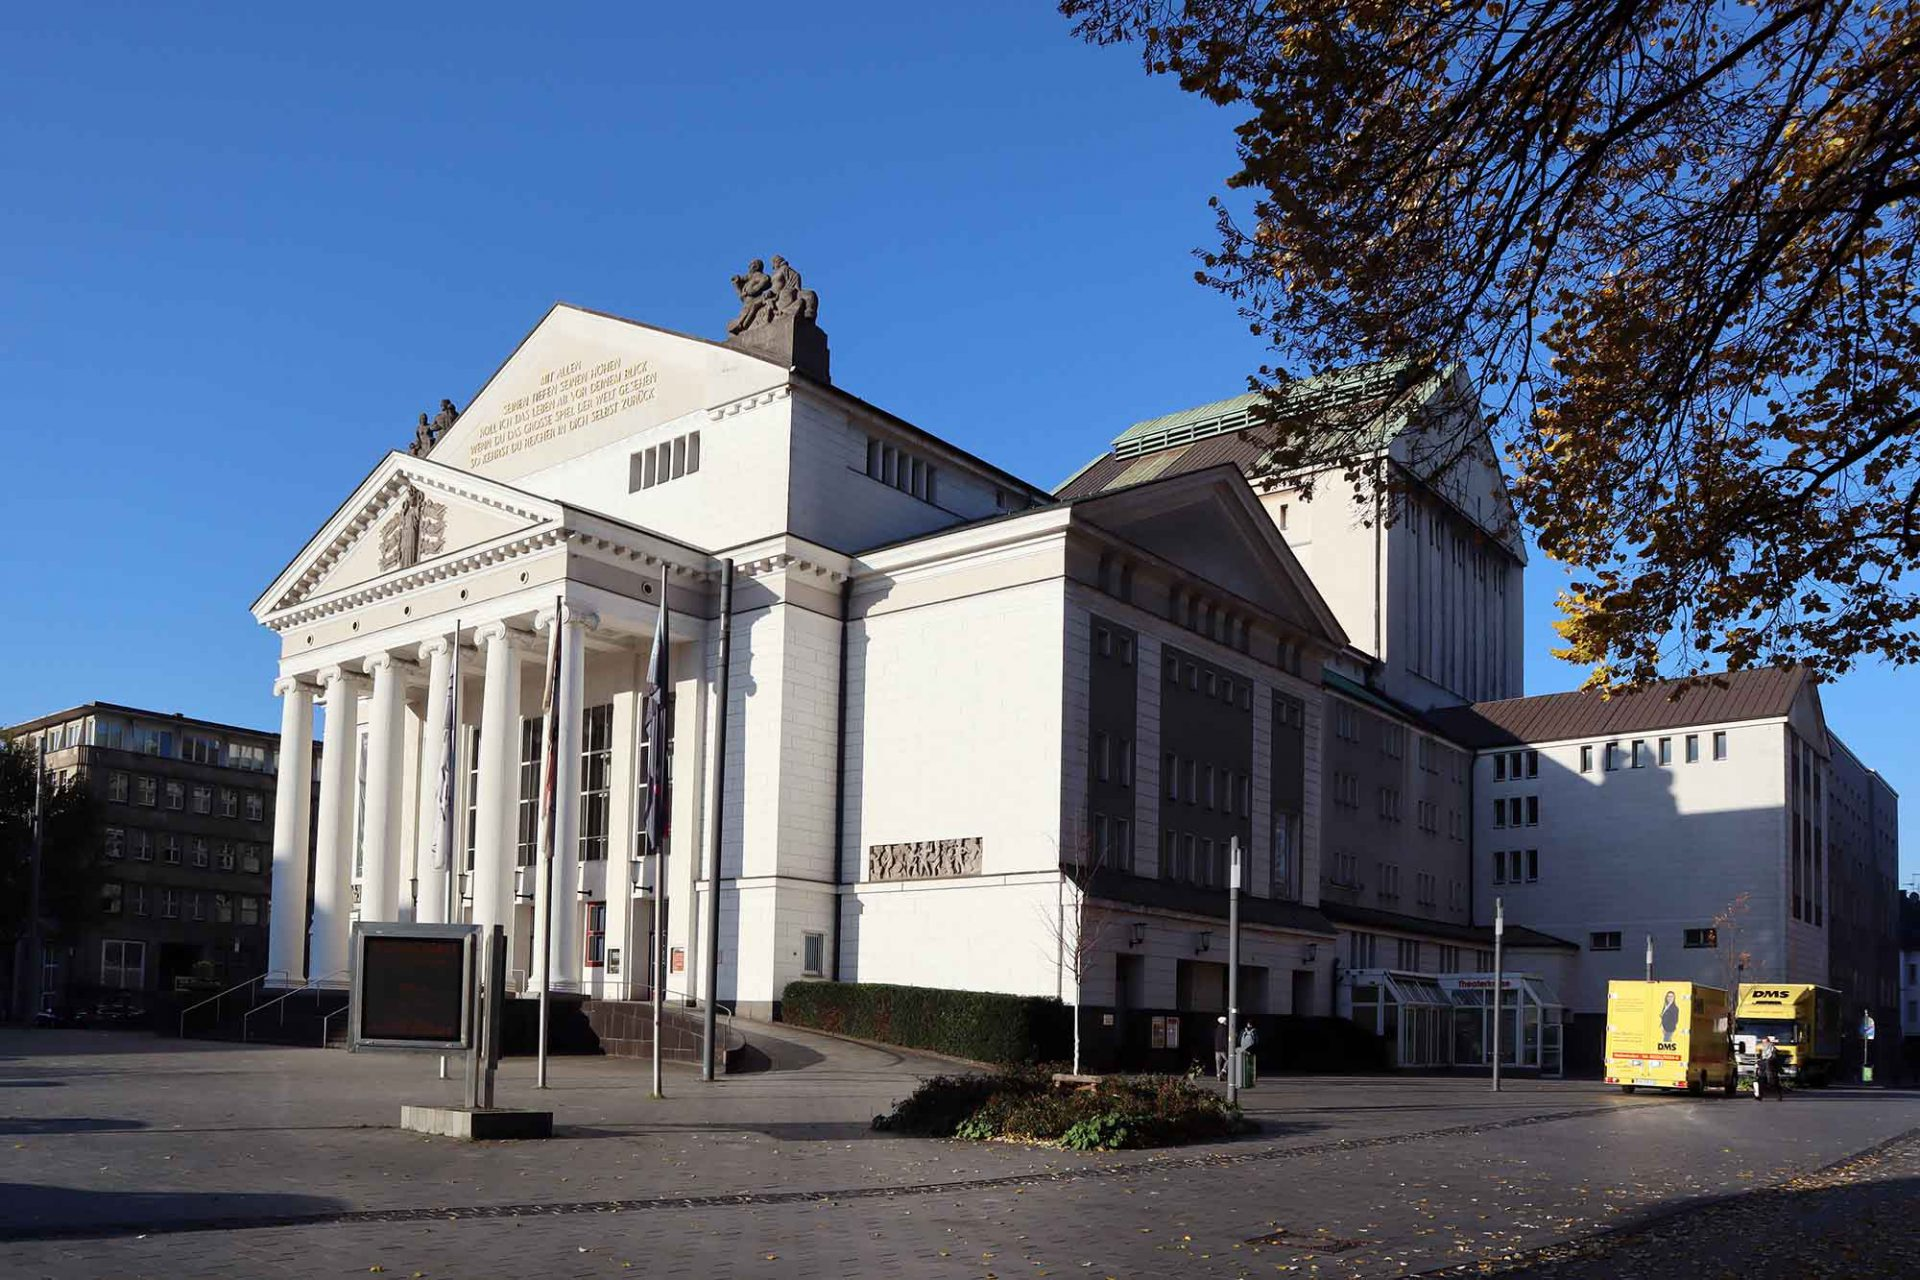 Theater Duisburg. Martin Dülfer, 1912. Wiederaufbau nach dem Zweiten Weltkrieg: Siegfried von Tiling, Friedrich Leykauf, Hermann Adolphi.